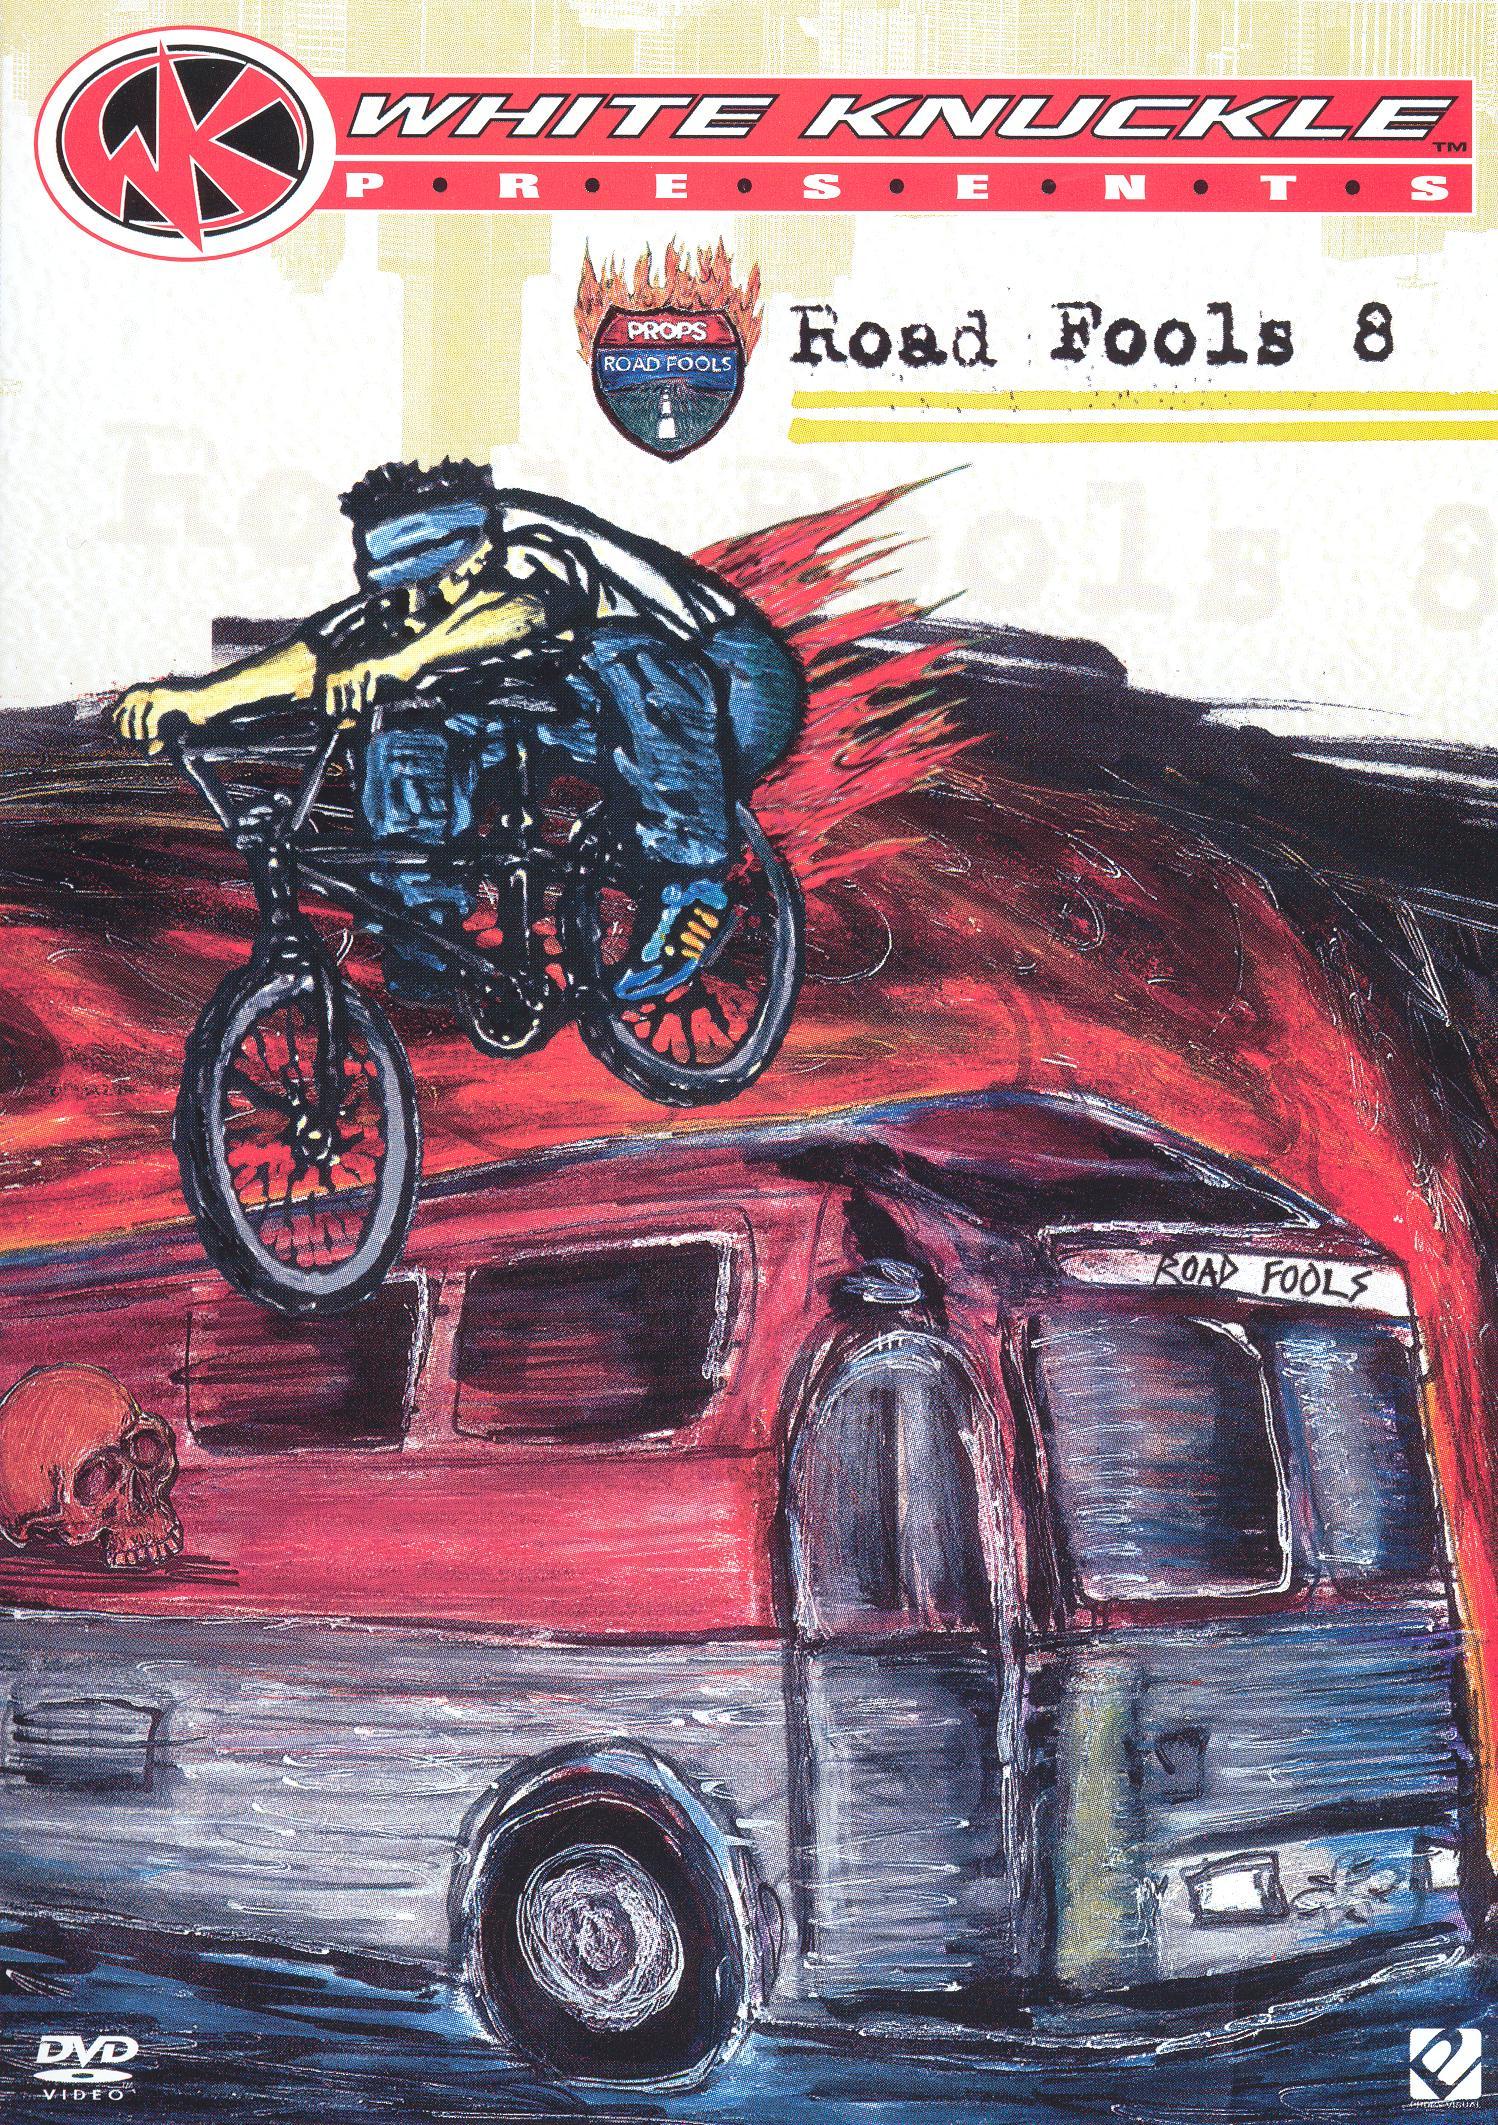 Road Fools, Vol. 8